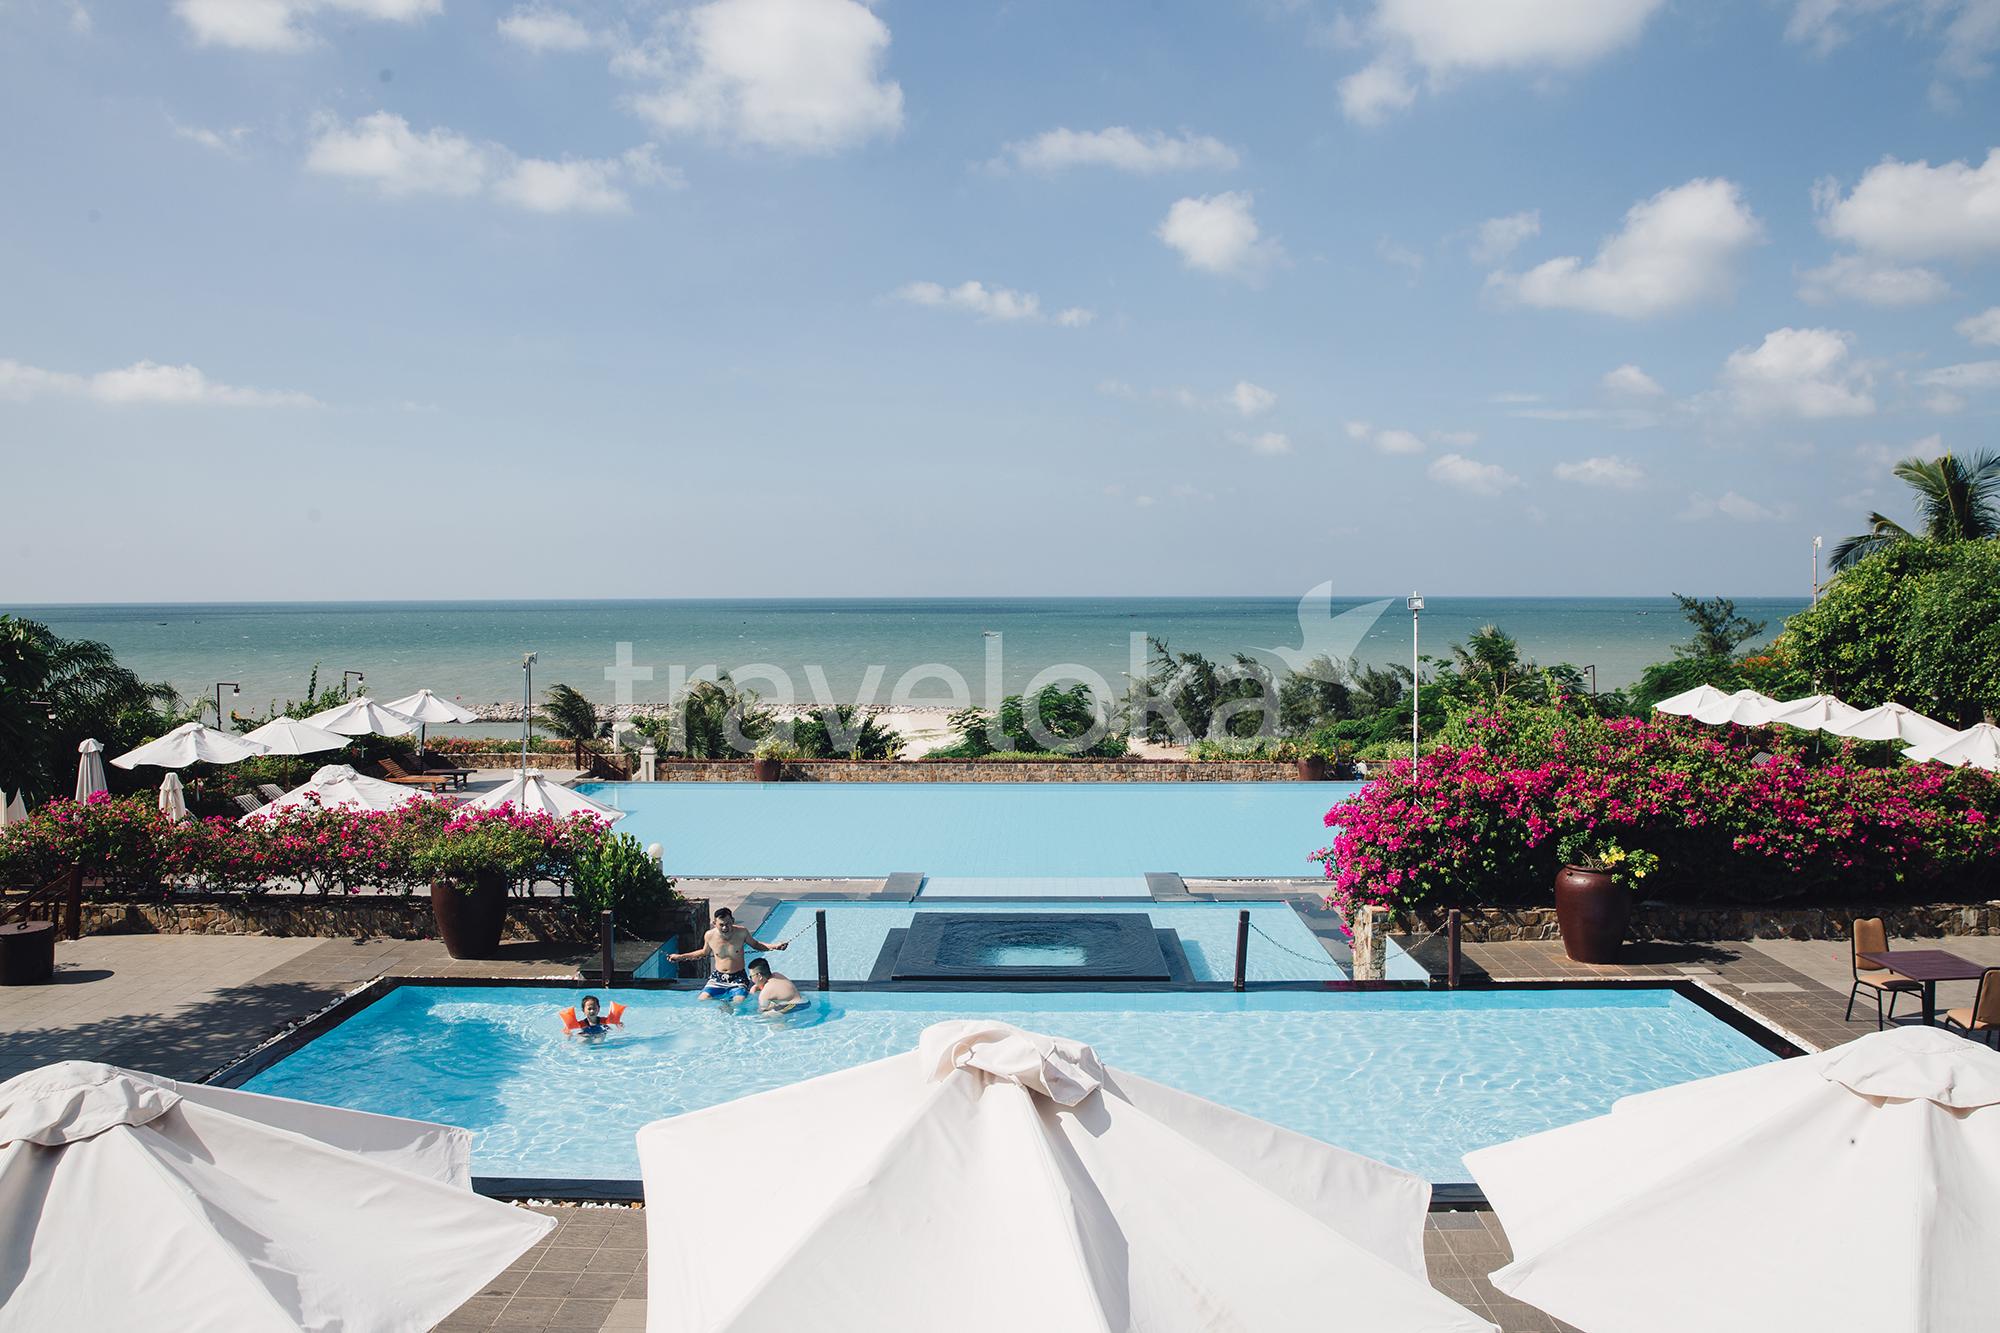 Cẩm nang du lịch Phan Thiết - Romana Resort & Spa